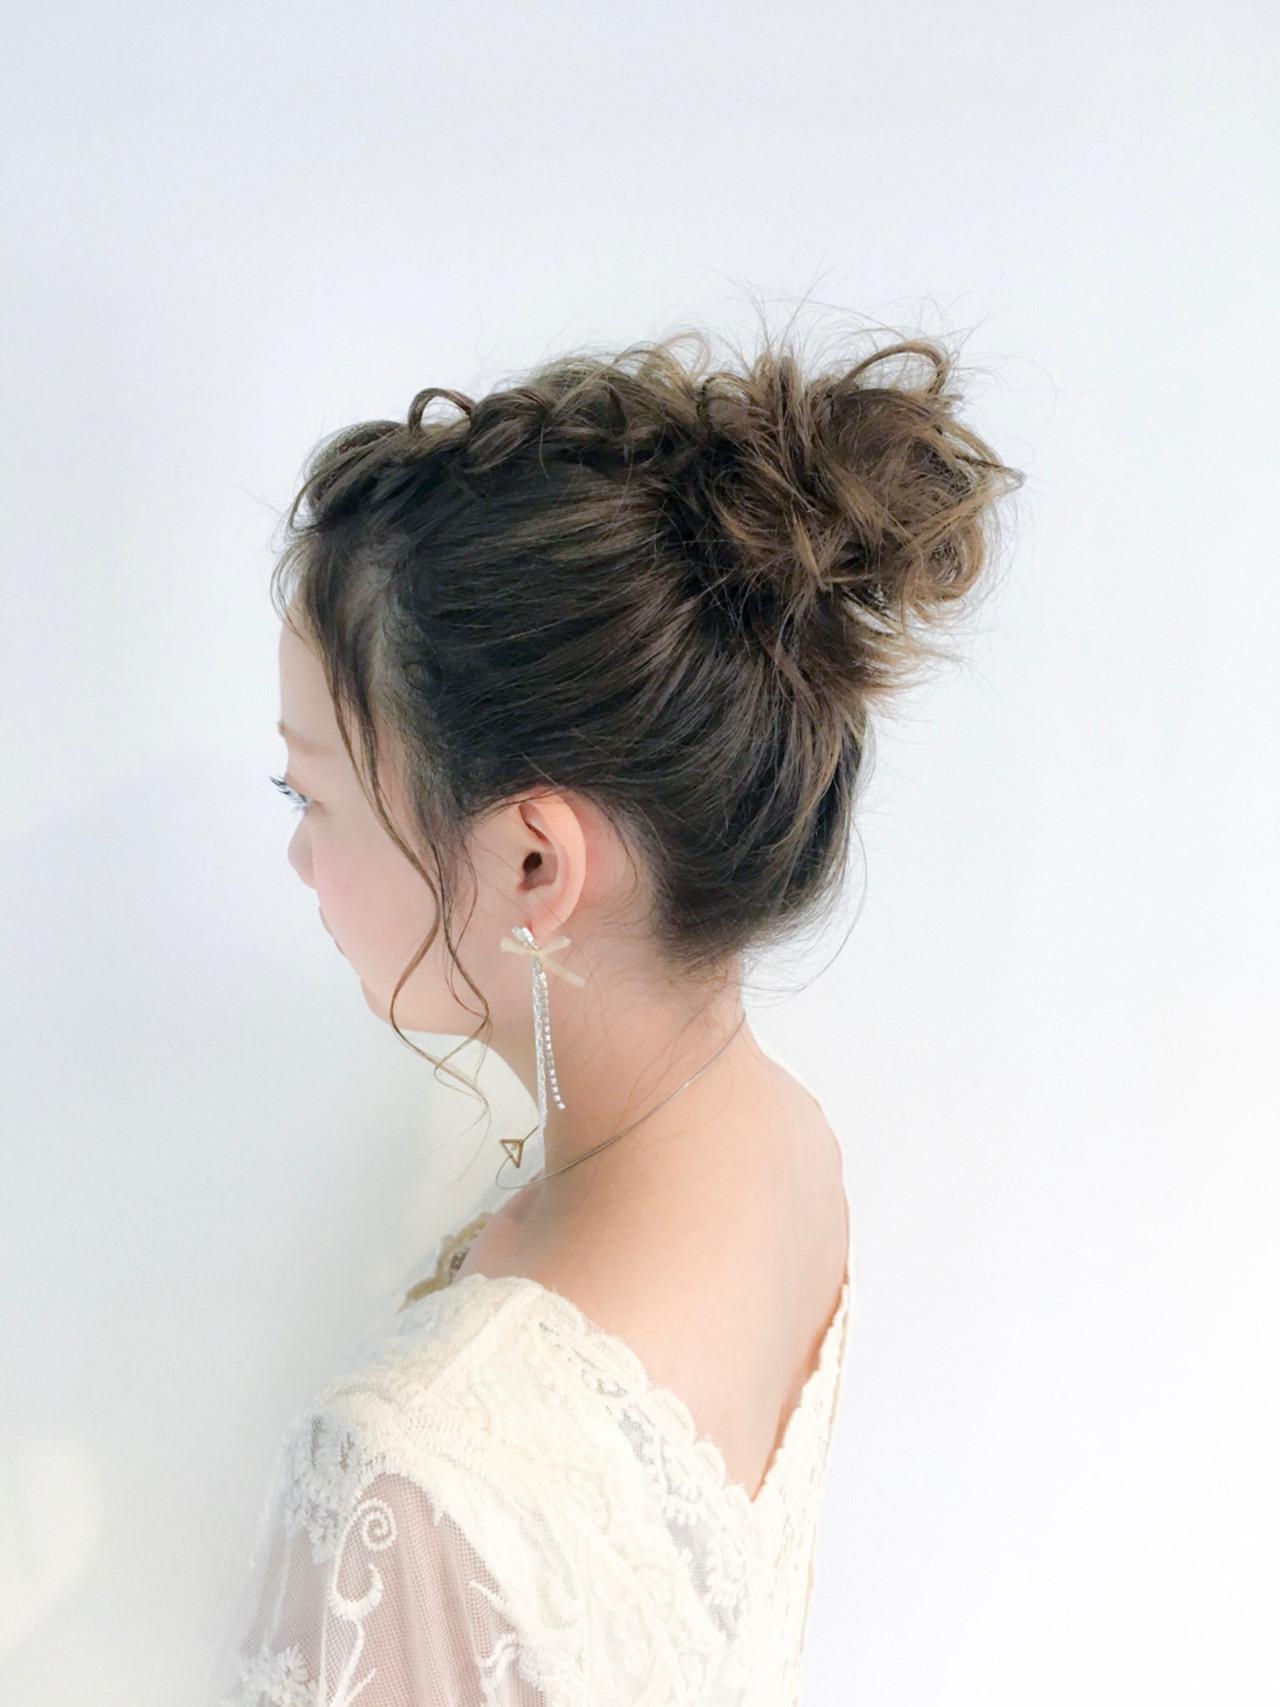 おでこスッキリ華やか!前髪ポンパドールの作り方♪短い前髪でも作れます 美容師 HIRO | Amoute/アムティ